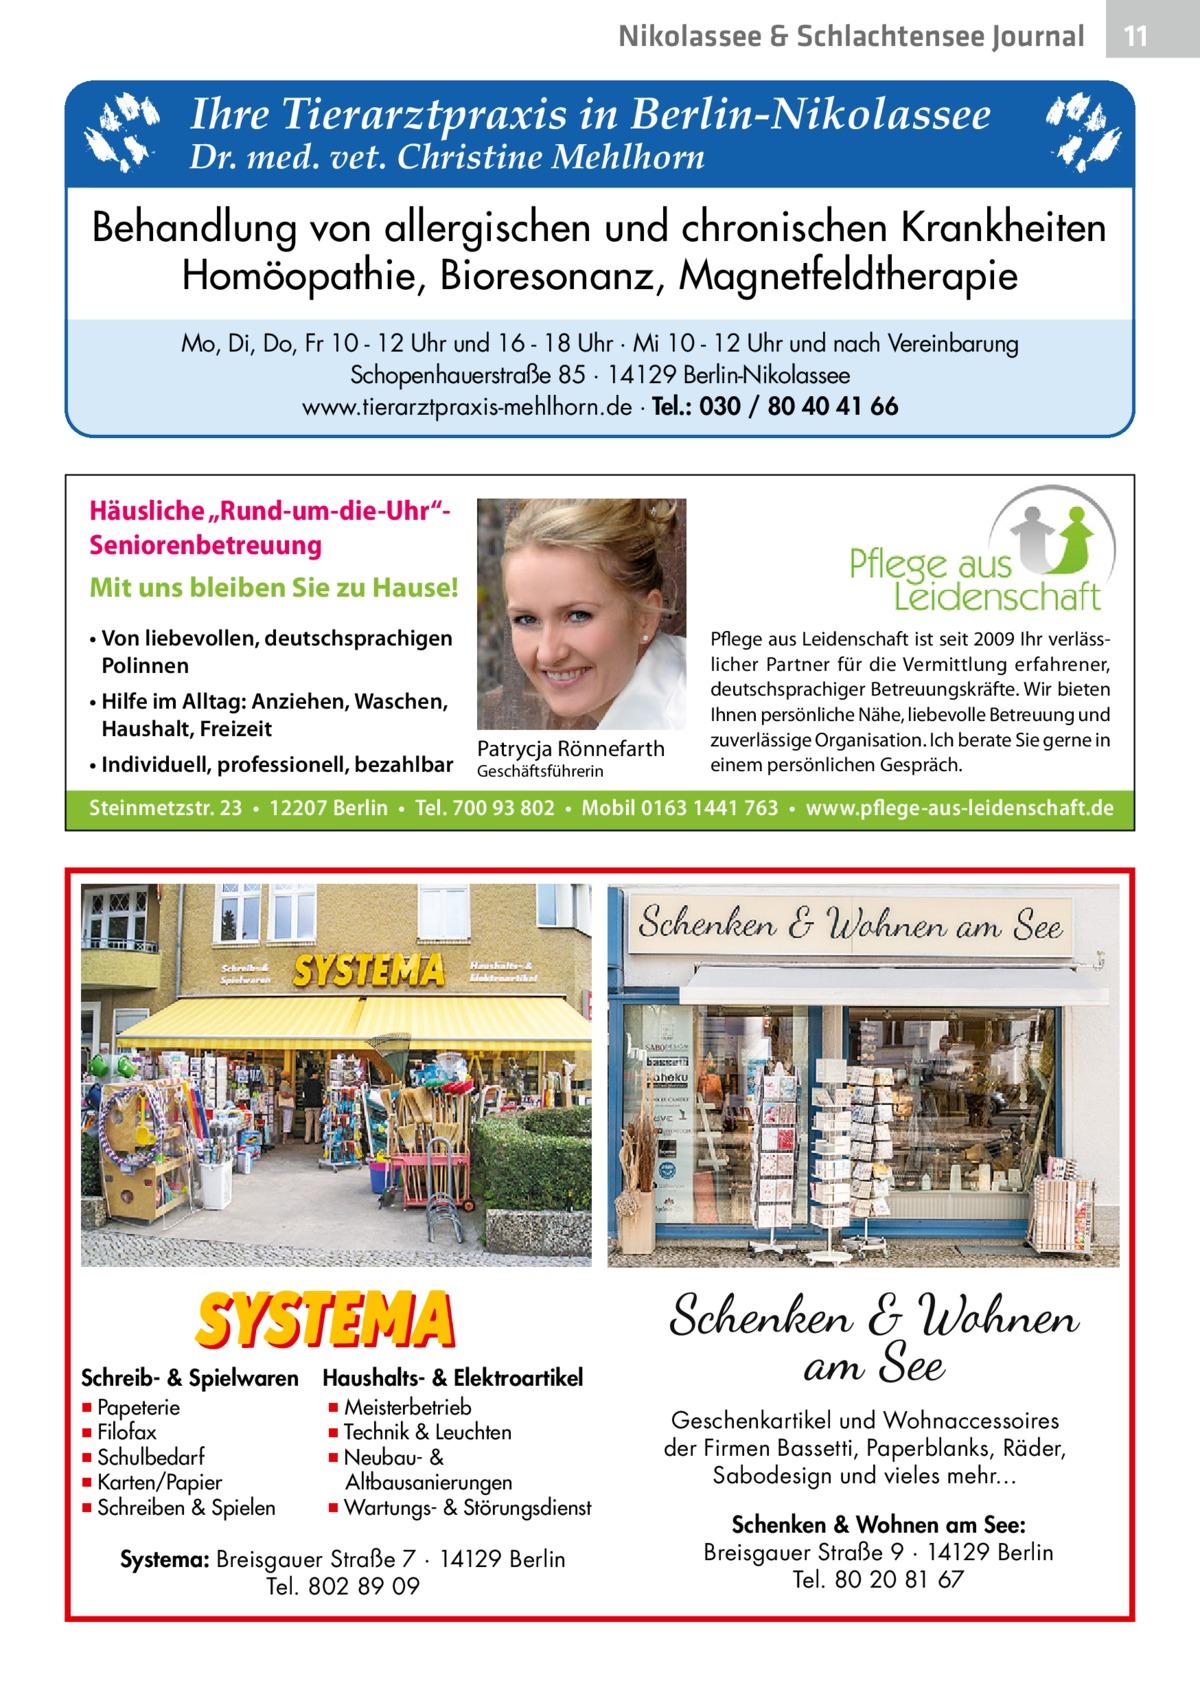 """Nikolassee & Schlachtensee Journal  Ihre Tierarztpraxis in Berlin-Nikolassee  Dr. med. vet. Christine Mehlhorn  Behandlung von allergischen und chronischen Krankheiten Homöopathie, Bioresonanz, Magnetfeldtherapie Mo, Di, Do, Fr 10 - 12 Uhr und 16 - 18 Uhr · Mi 10 - 12 Uhr und nach Vereinbarung Schopenhauerstraße 85 · 14129 Berlin-Nikolassee www.tierarztpraxis-mehlhorn.de · Tel.: 030 / 80 40 41 66  Häusliche """"Rund-um-die-Uhr""""Seniorenbetreuung Mit uns bleiben Sie zu Hause! • Von liebevollen, deutschsprachigen Polinnen • Hilfe im Alltag: Anziehen, Waschen, Haushalt, Freizeit • Individuell, professionell, bezahlbar  Patrycja Rönnefarth  Geschäftsführerin  Pflege aus Leidenschaft ist seit 2009 Ihr verlässlicher Partner für die Vermittlung erfahrener, deutschsprachiger Betreuungskräfte. Wir bieten Ihnen persönliche Nähe, liebevolle Betreuung und zuverlässige Organisation. Ich berate Sie gerne in einem persönlichen Gespräch.  Steinmetzstr.23 • 12207Berlin • Tel. 700 93 802 • Mobil 0163 1441 763 • www.pflege-aus-leidenschaft.de  Schreib- & Spielwaren  ▪ Papeterie ▪ Filofax ▪ Schulbedarf ▪ Karten/Papier ▪ Schreiben & Spielen  Haushalts- & Elektroartikel  ▪ Meisterbetrieb ▪ Technik & Leuchten ▪ Neubau- & Altbausanierungen ▪ Wartungs- & Störungsdienst  Systema: Breisgauer Straße 7 · 14129 Berlin Tel. 802 89 09  Geschenkartikel und Wohnaccessoires der Firmen Bassetti, Paperblanks, Räder, Sabodesign und vieles mehr… Schenken & Wohnen am See: Breisgauer Straße 9 · 14129 Berlin Tel. 80 20 81 67  11"""